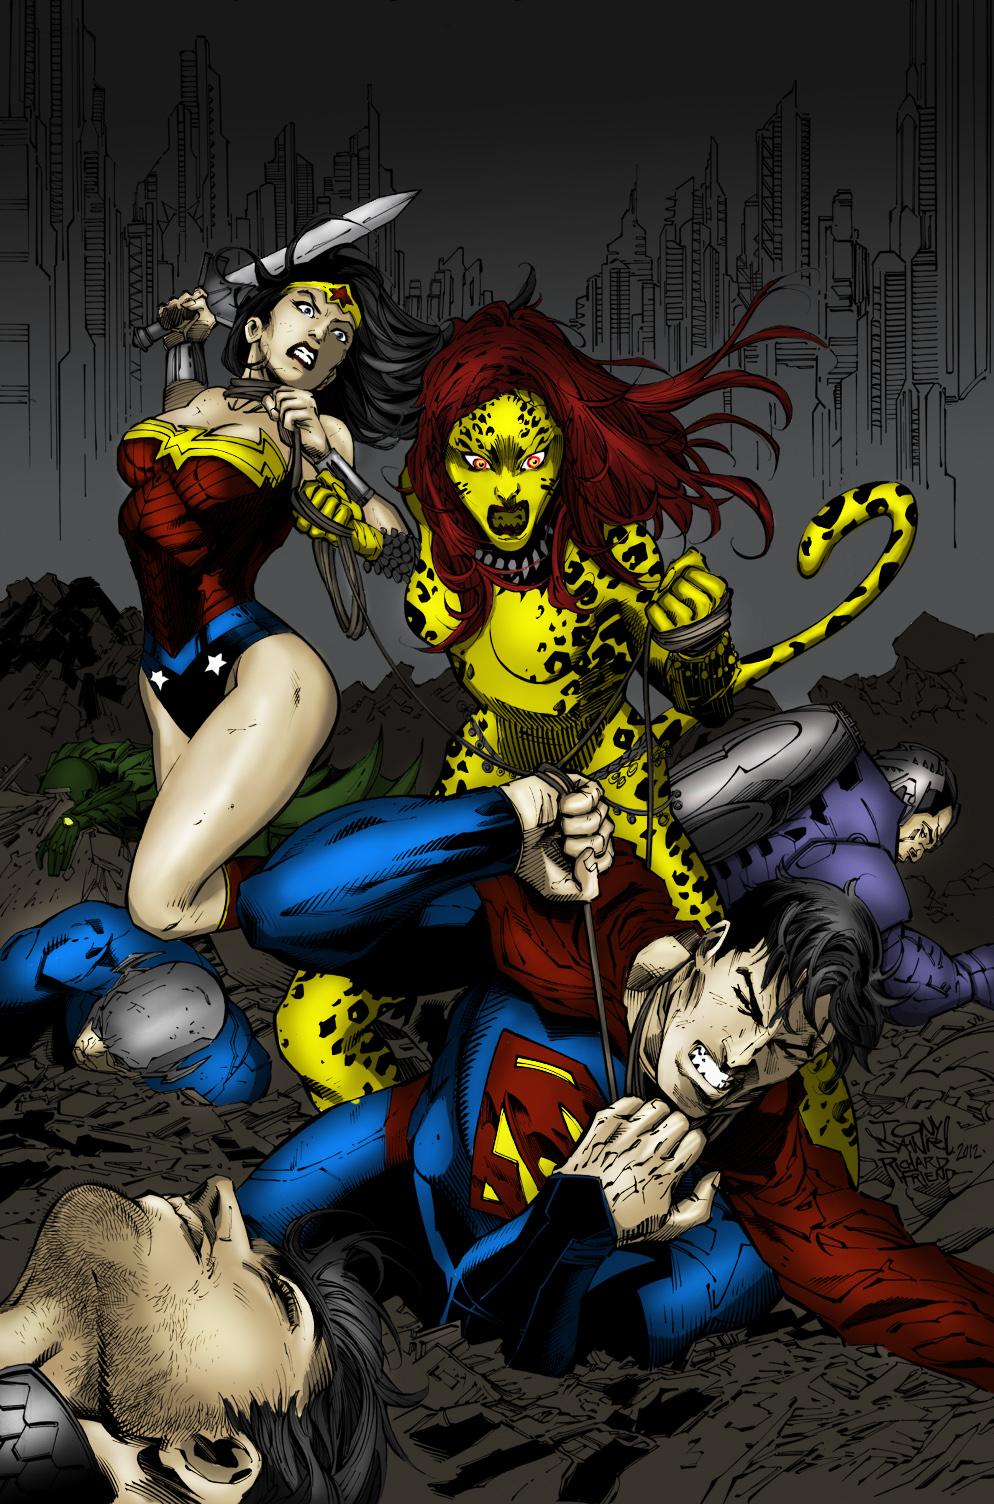 Nuevo coloreado de los personajes de la liga de justicia en Photoshop